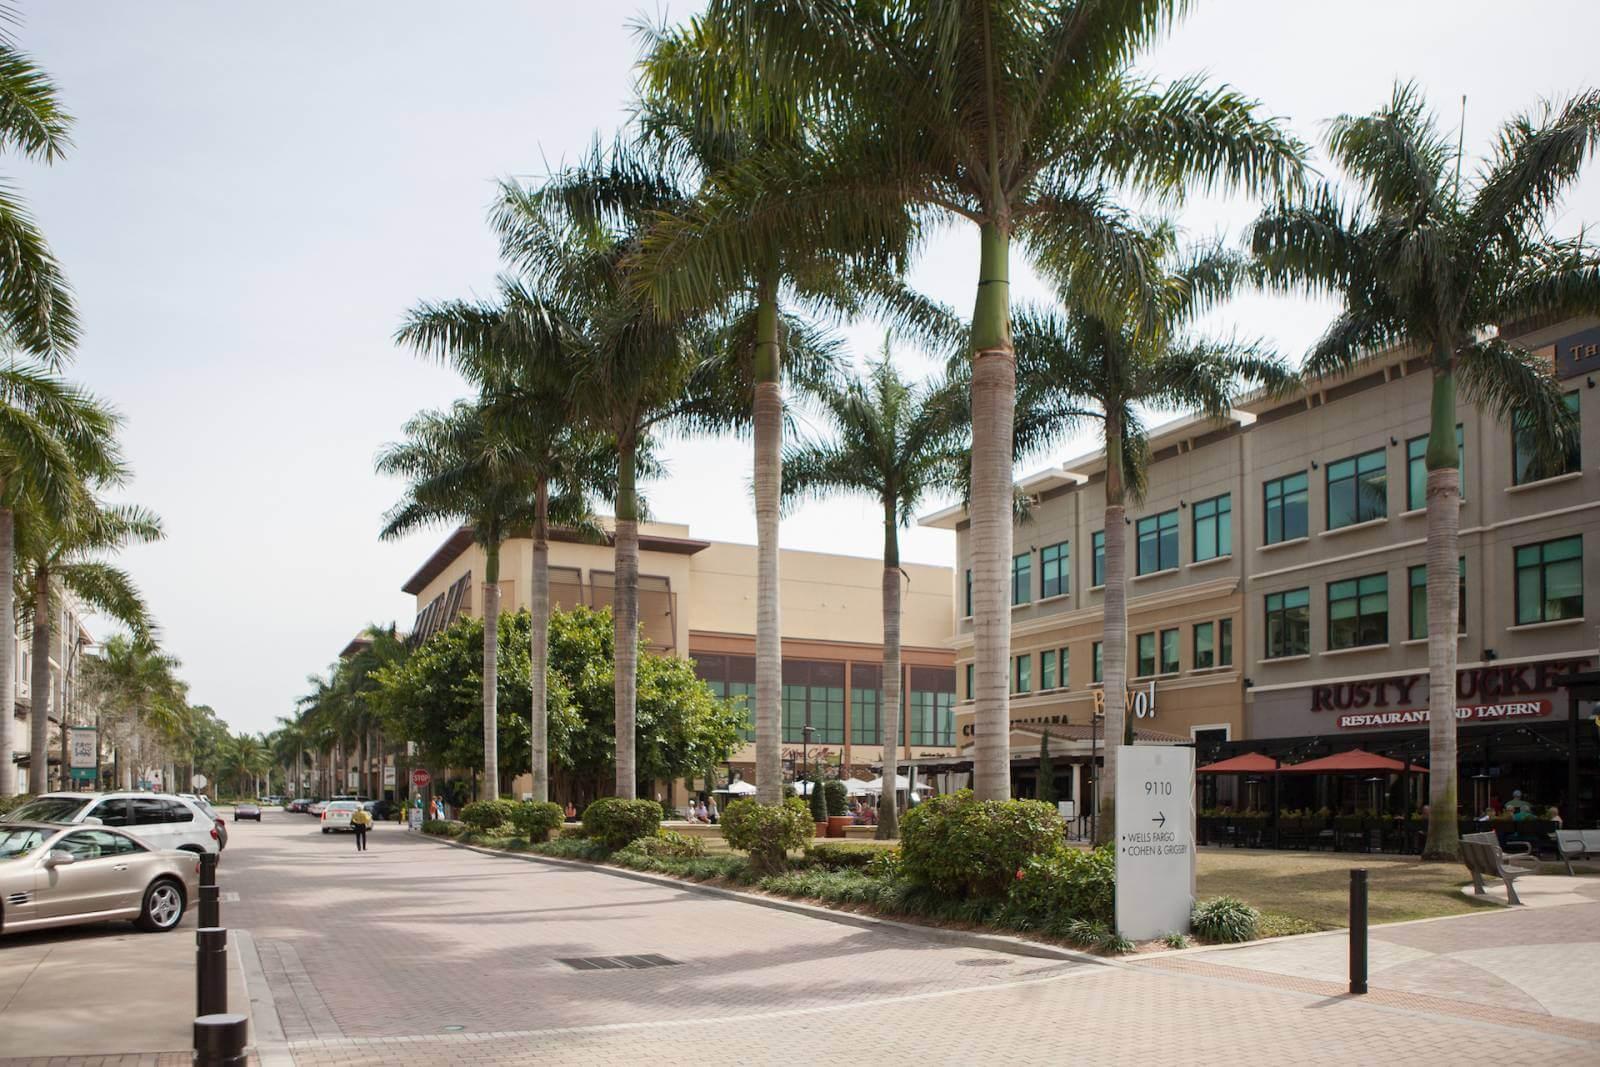 Mercato Shops Naples, Florida. Photo by Mary Carol Fitzgerald.